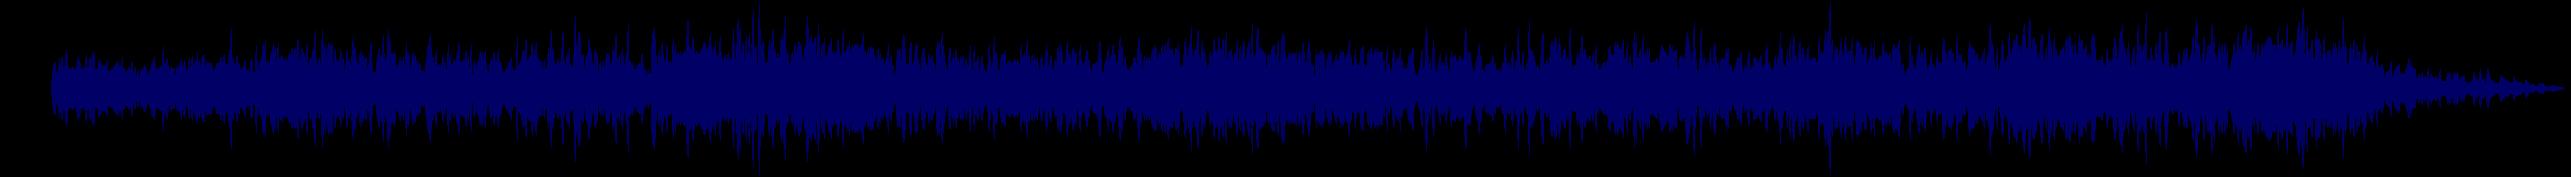 waveform of track #66578